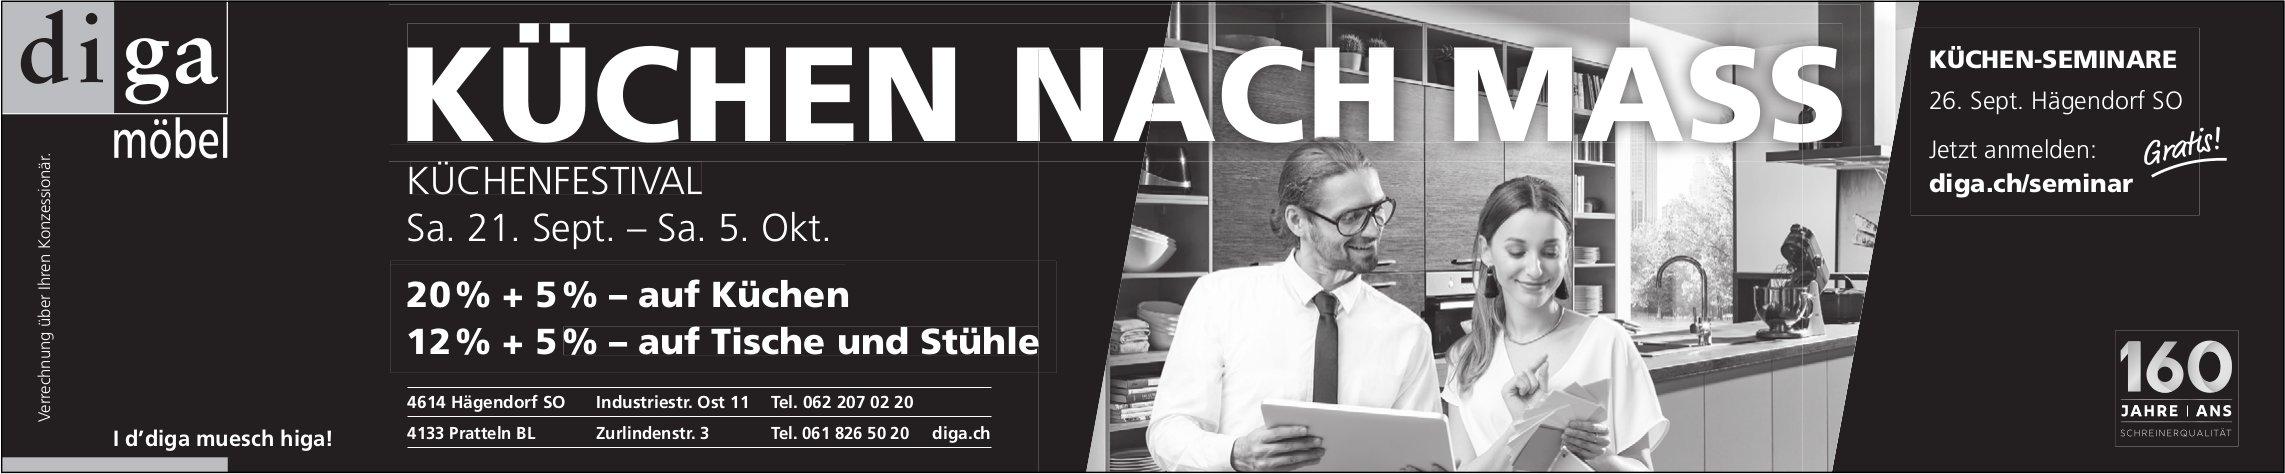 DIGA MÖBEL - KÜCHEN NACH MASS / KÜCHENFESTIVAL, 21. SEPT.-5.OKT.